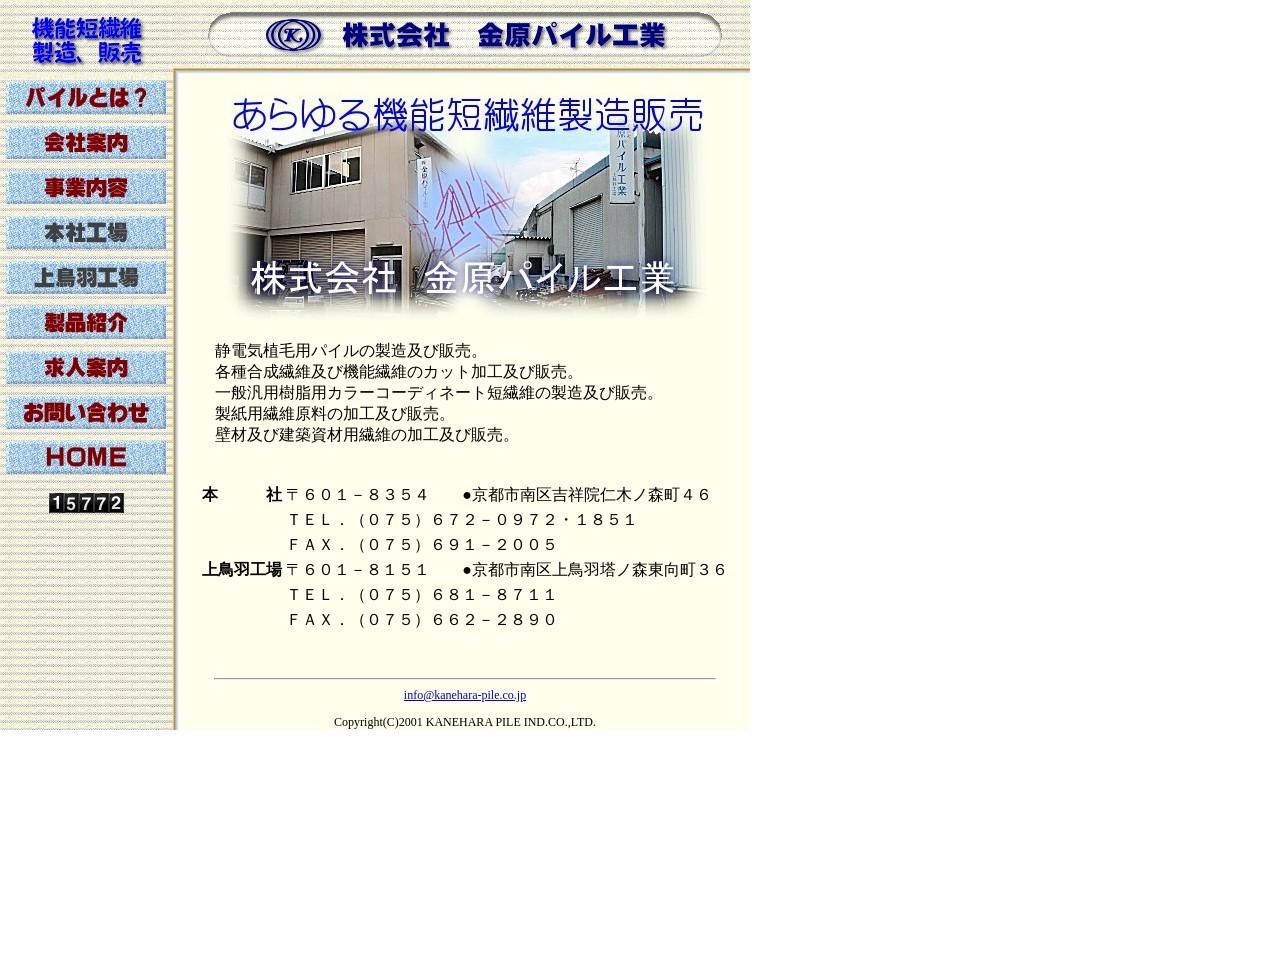 株式会社金原パイル工業